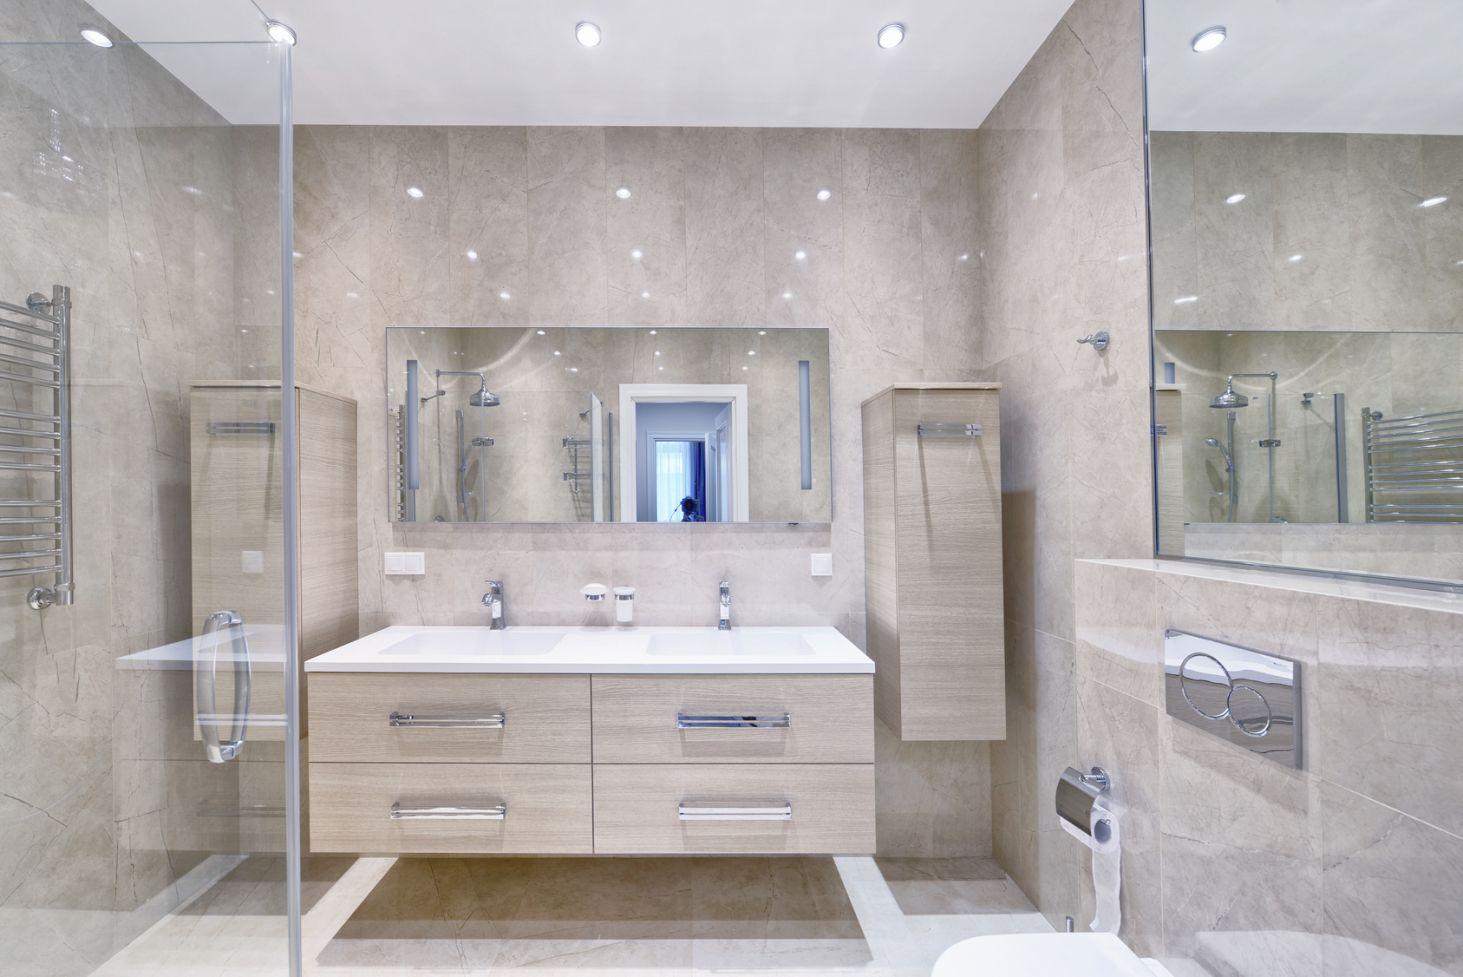 Oświetlenie łazienki Jakie Aranżacje Wnętrza Ze Smakiem